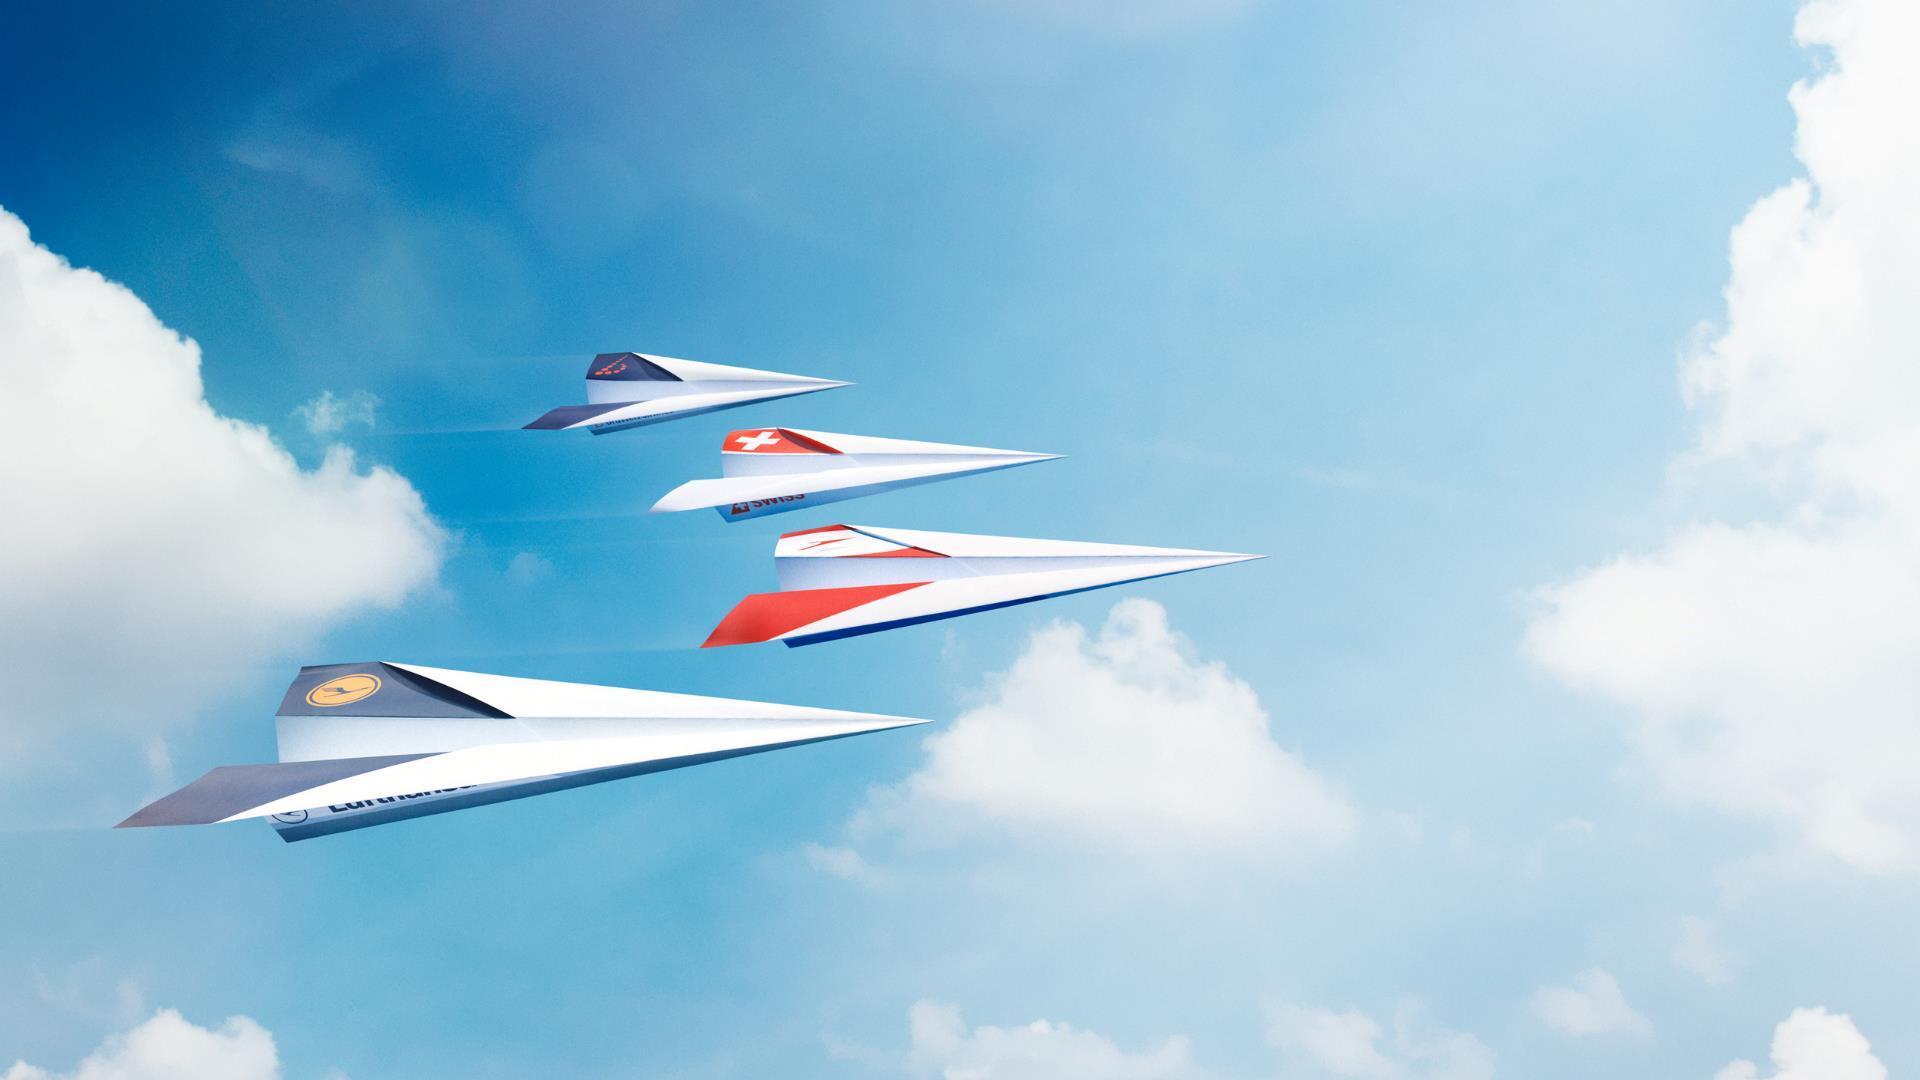 ¿Por qué cada vez ganamos menos millas cuando volamos?